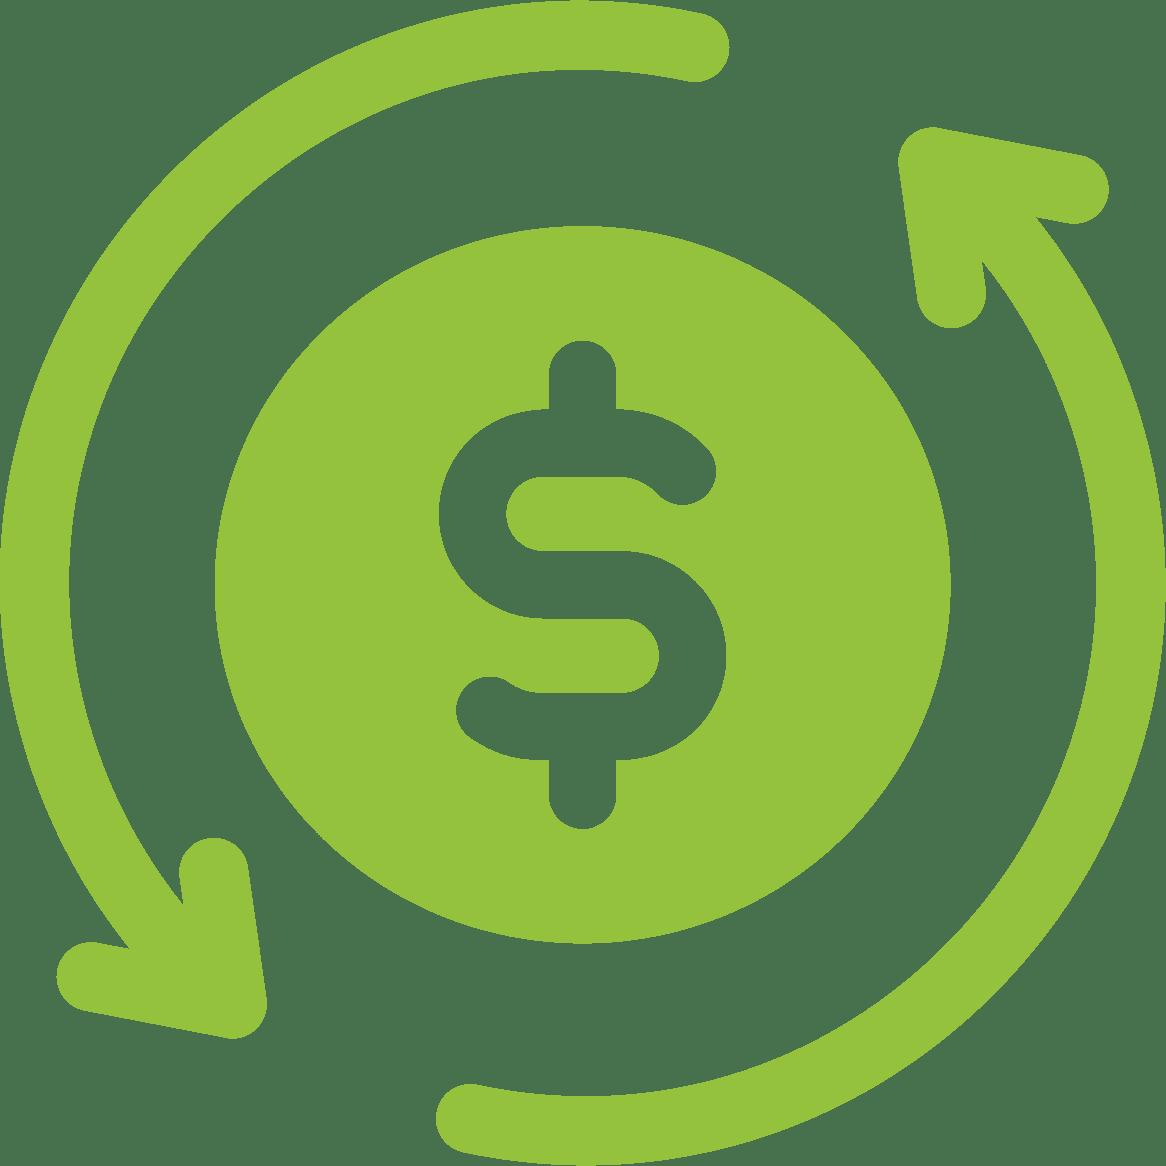 money-flow_icon